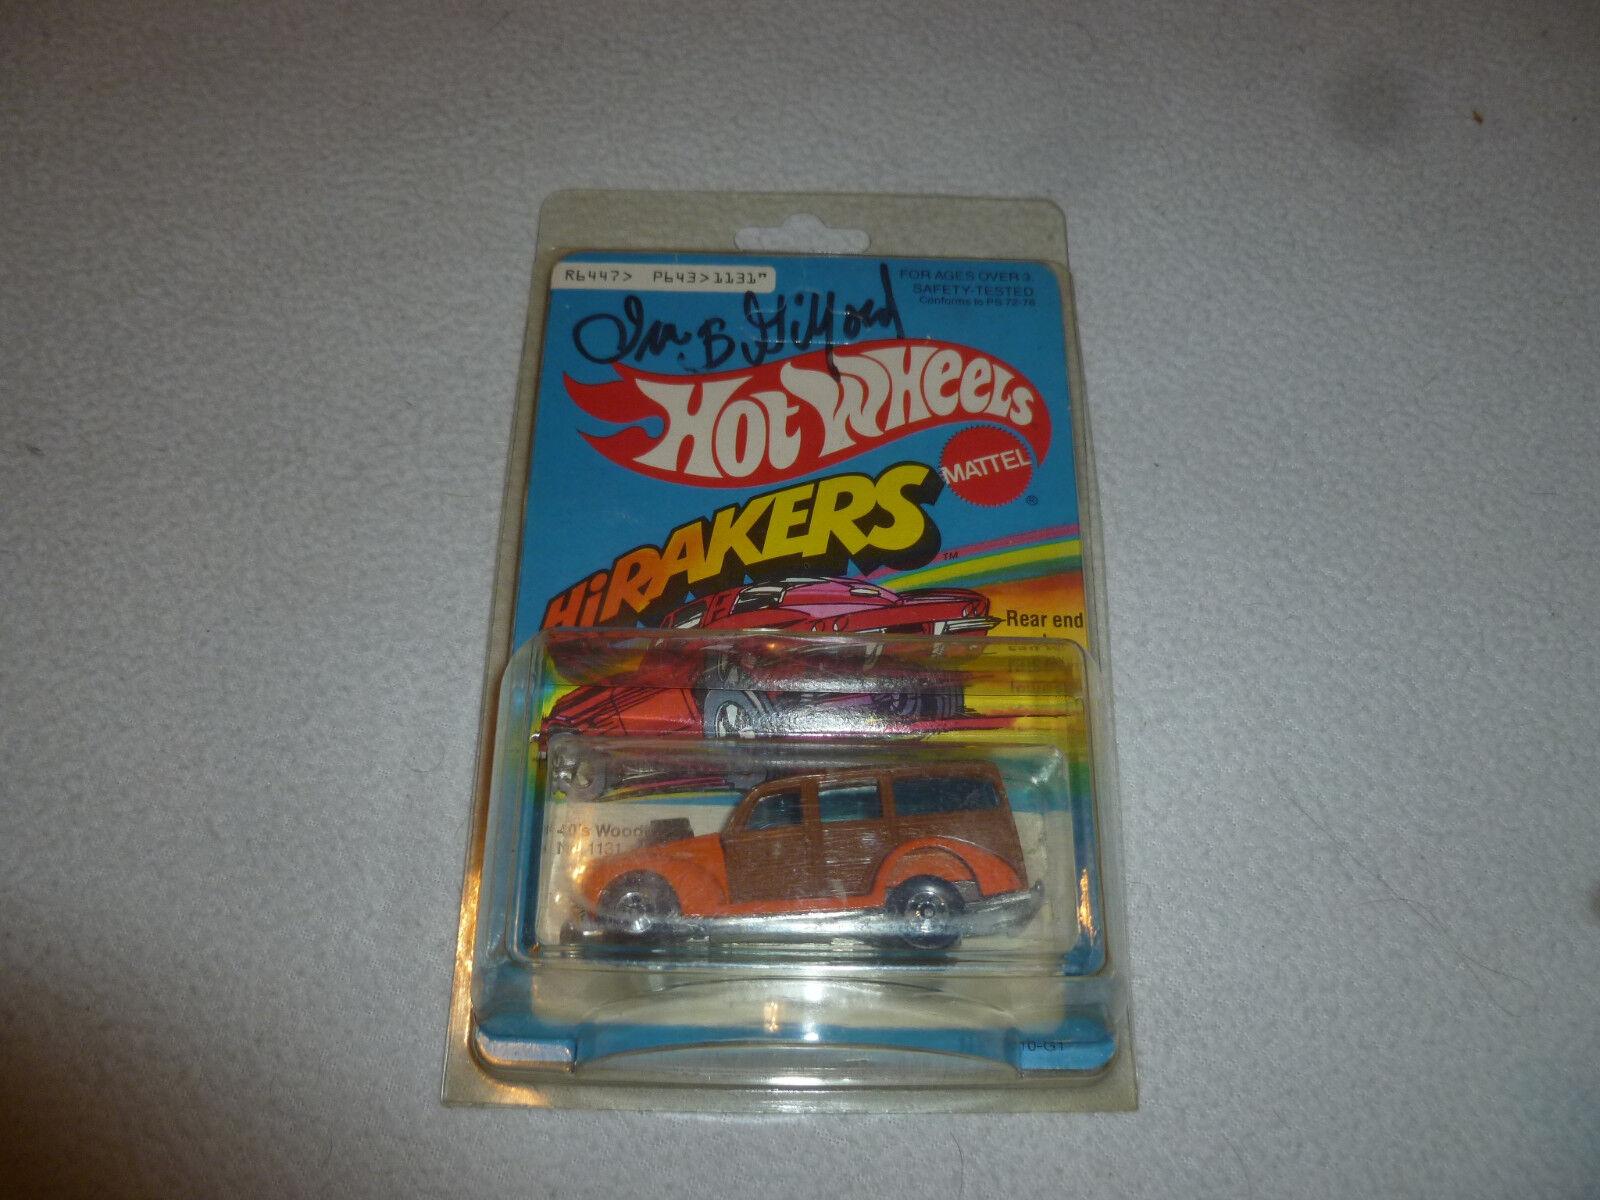 Nouveau HOTWtalons haute RAKERS 40  S boisie Nº 1131 signé ira B Gilford Mattel neuf sur voiturete 1979  plus vendu